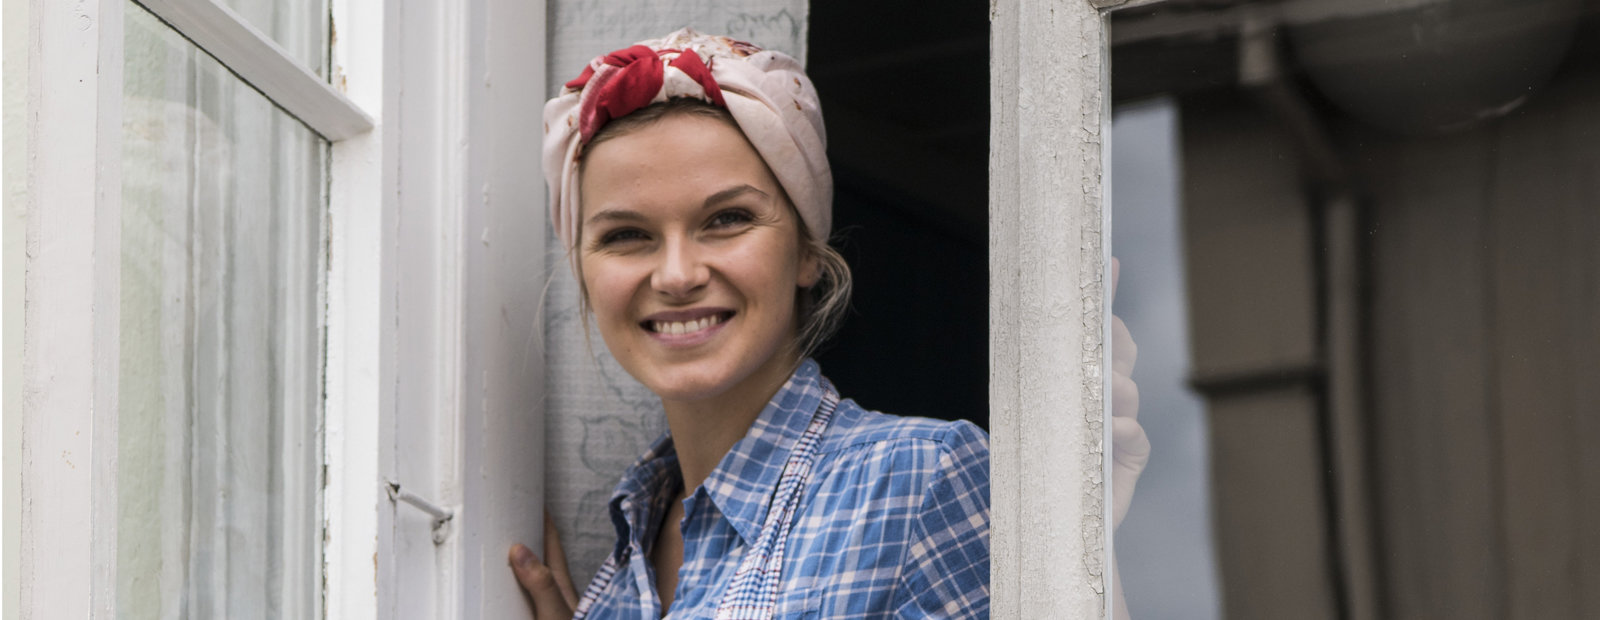 Ung kvinne med tørkle på hodet og blårutete skjorte og forkle titter smilende ut av et hvitmalt vindu.